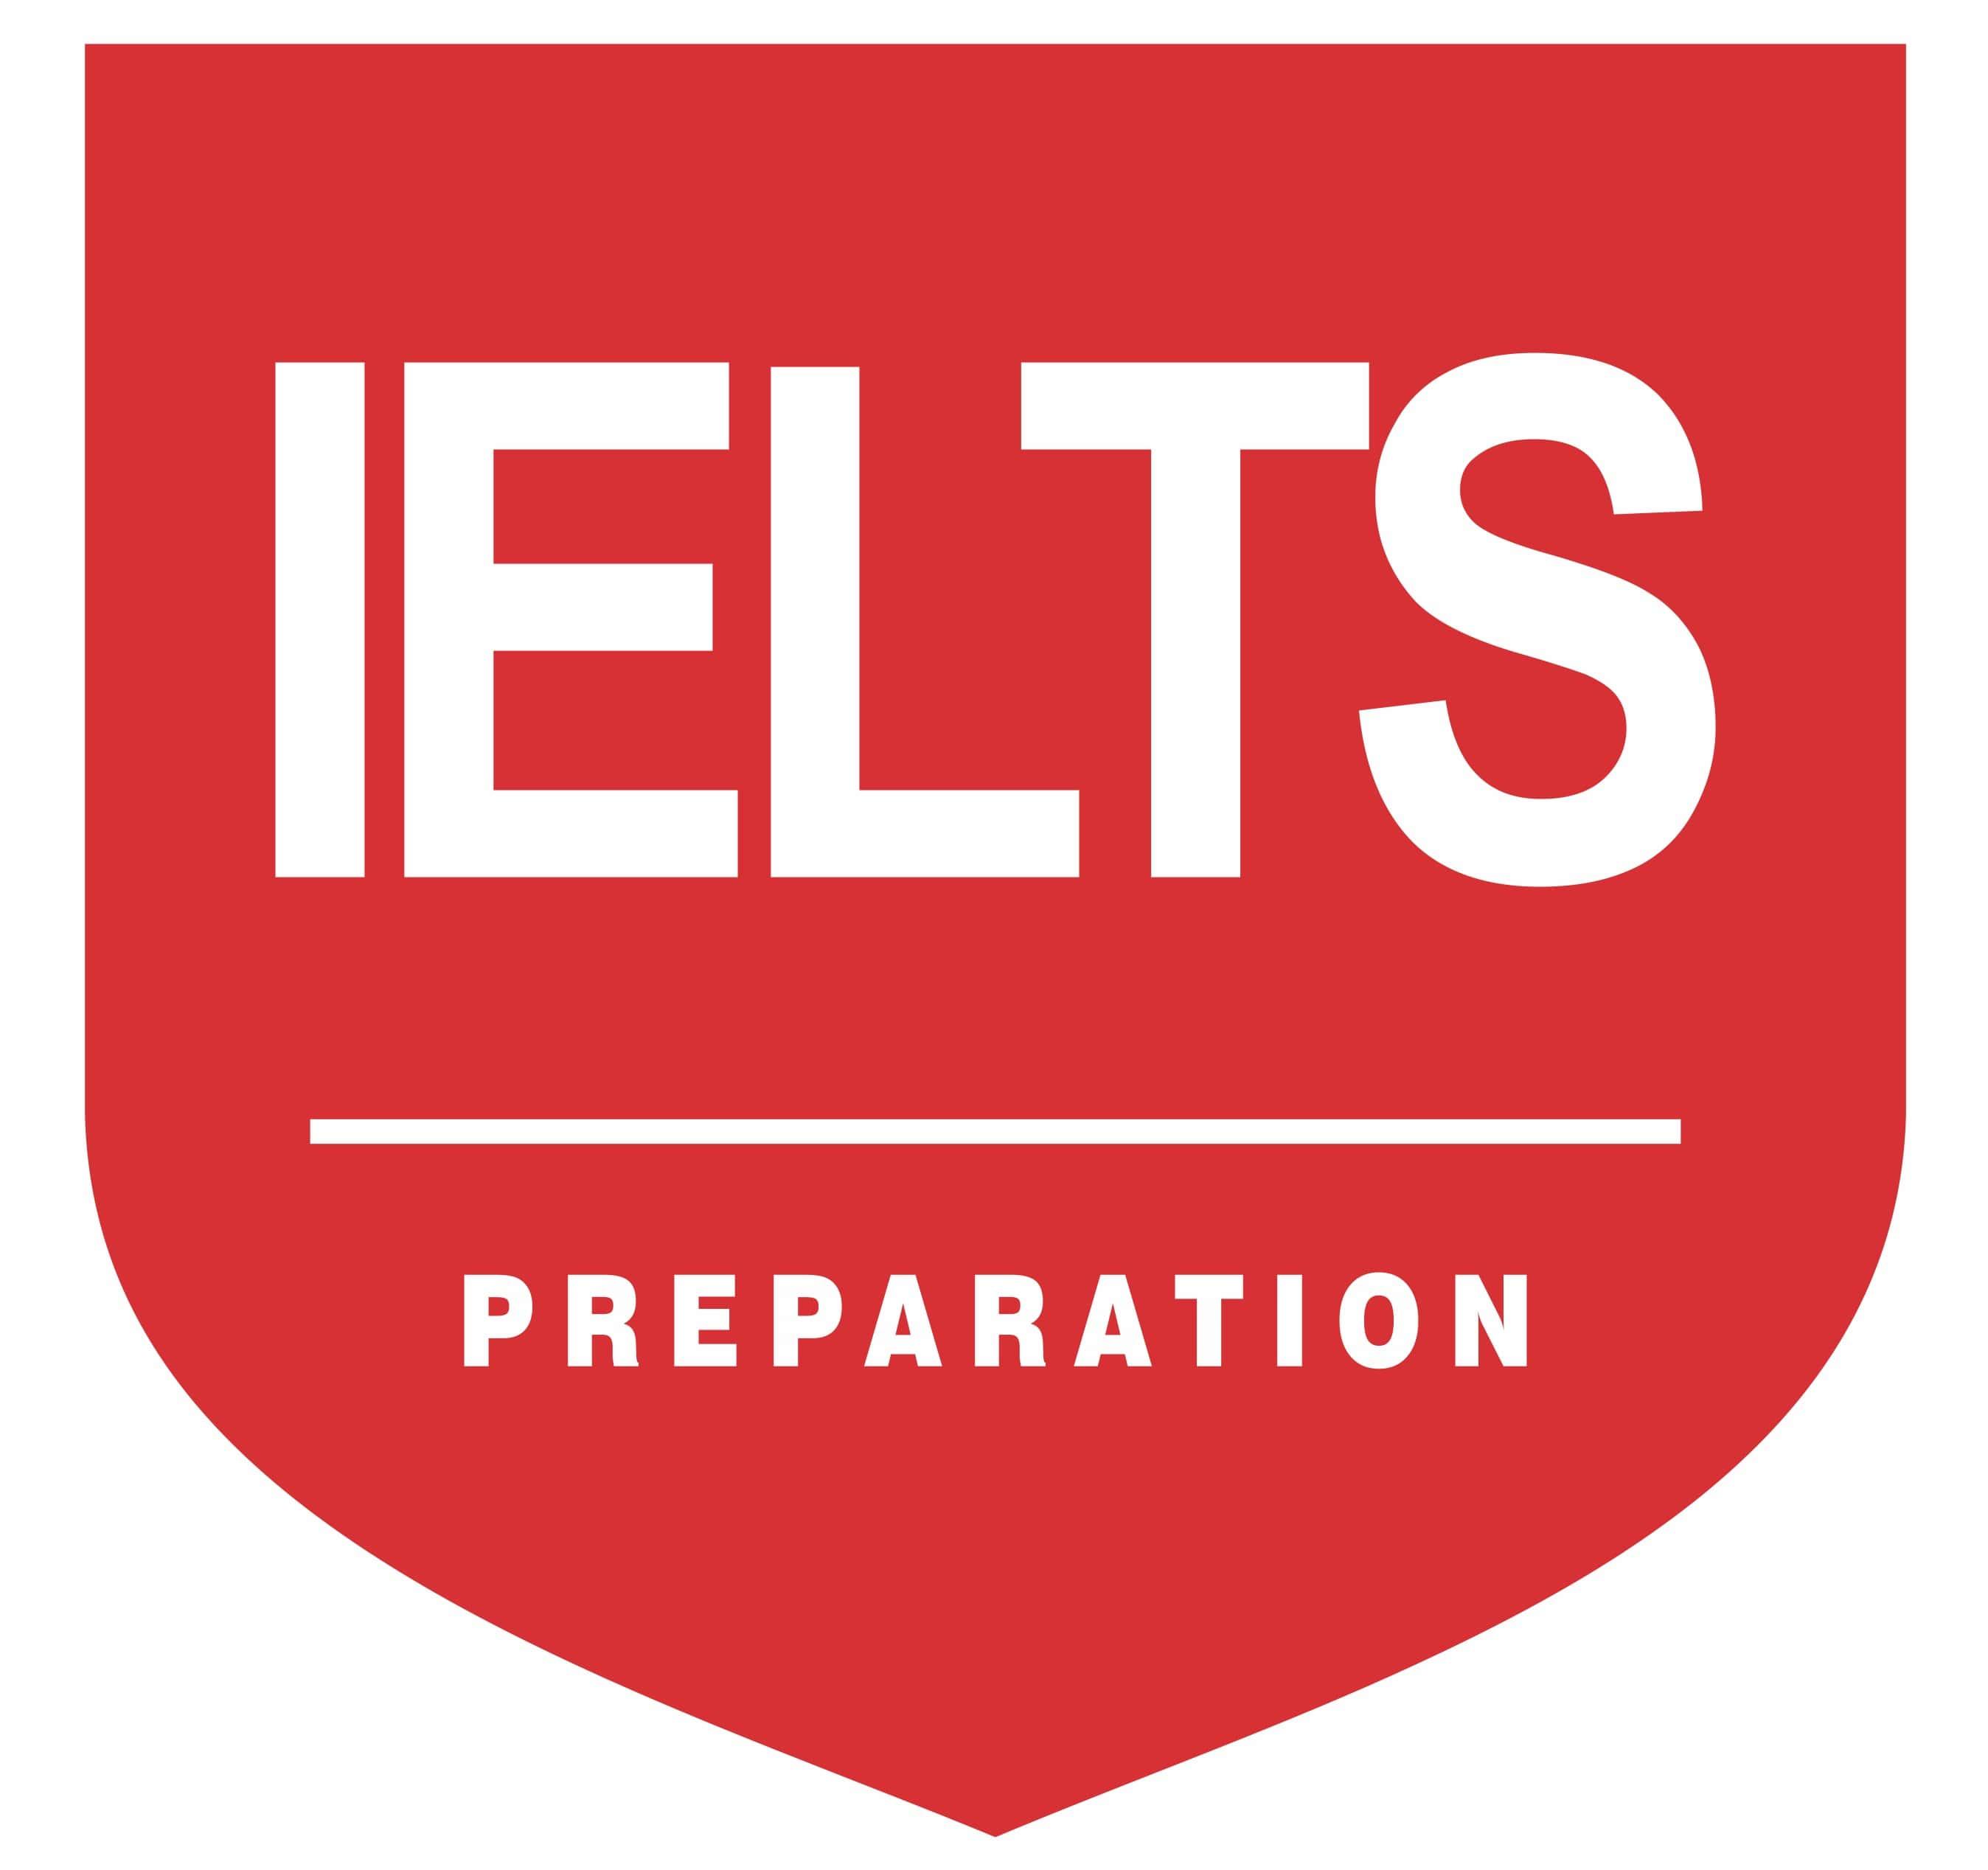 Подготовка за IELTS, ielts preparation, podgotovka ielts, ielts, preparation english